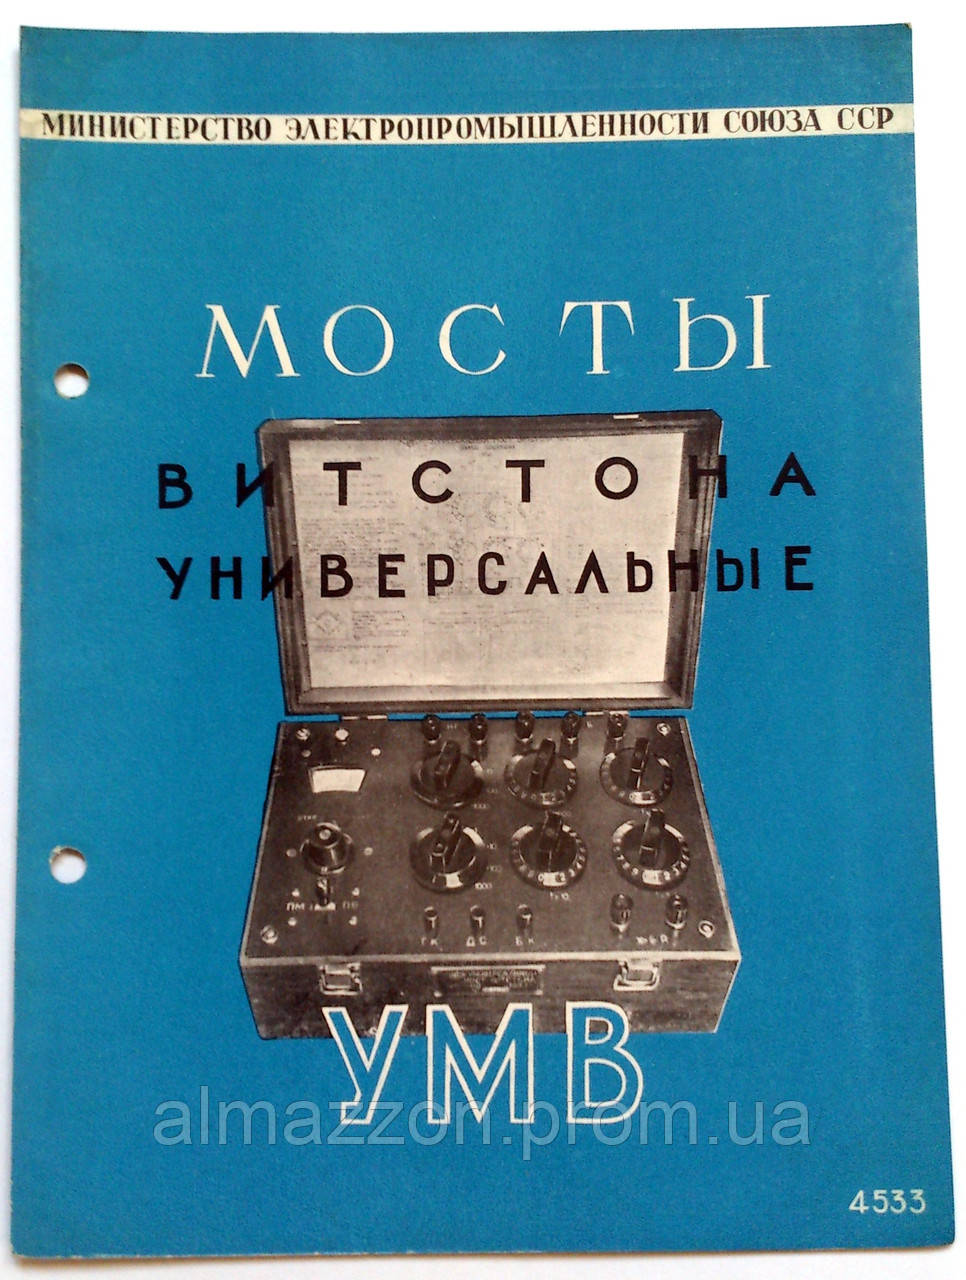 """Журнал (Бюллетень) """"Мосты Витстона универсальные УМВ"""" 1949 год"""